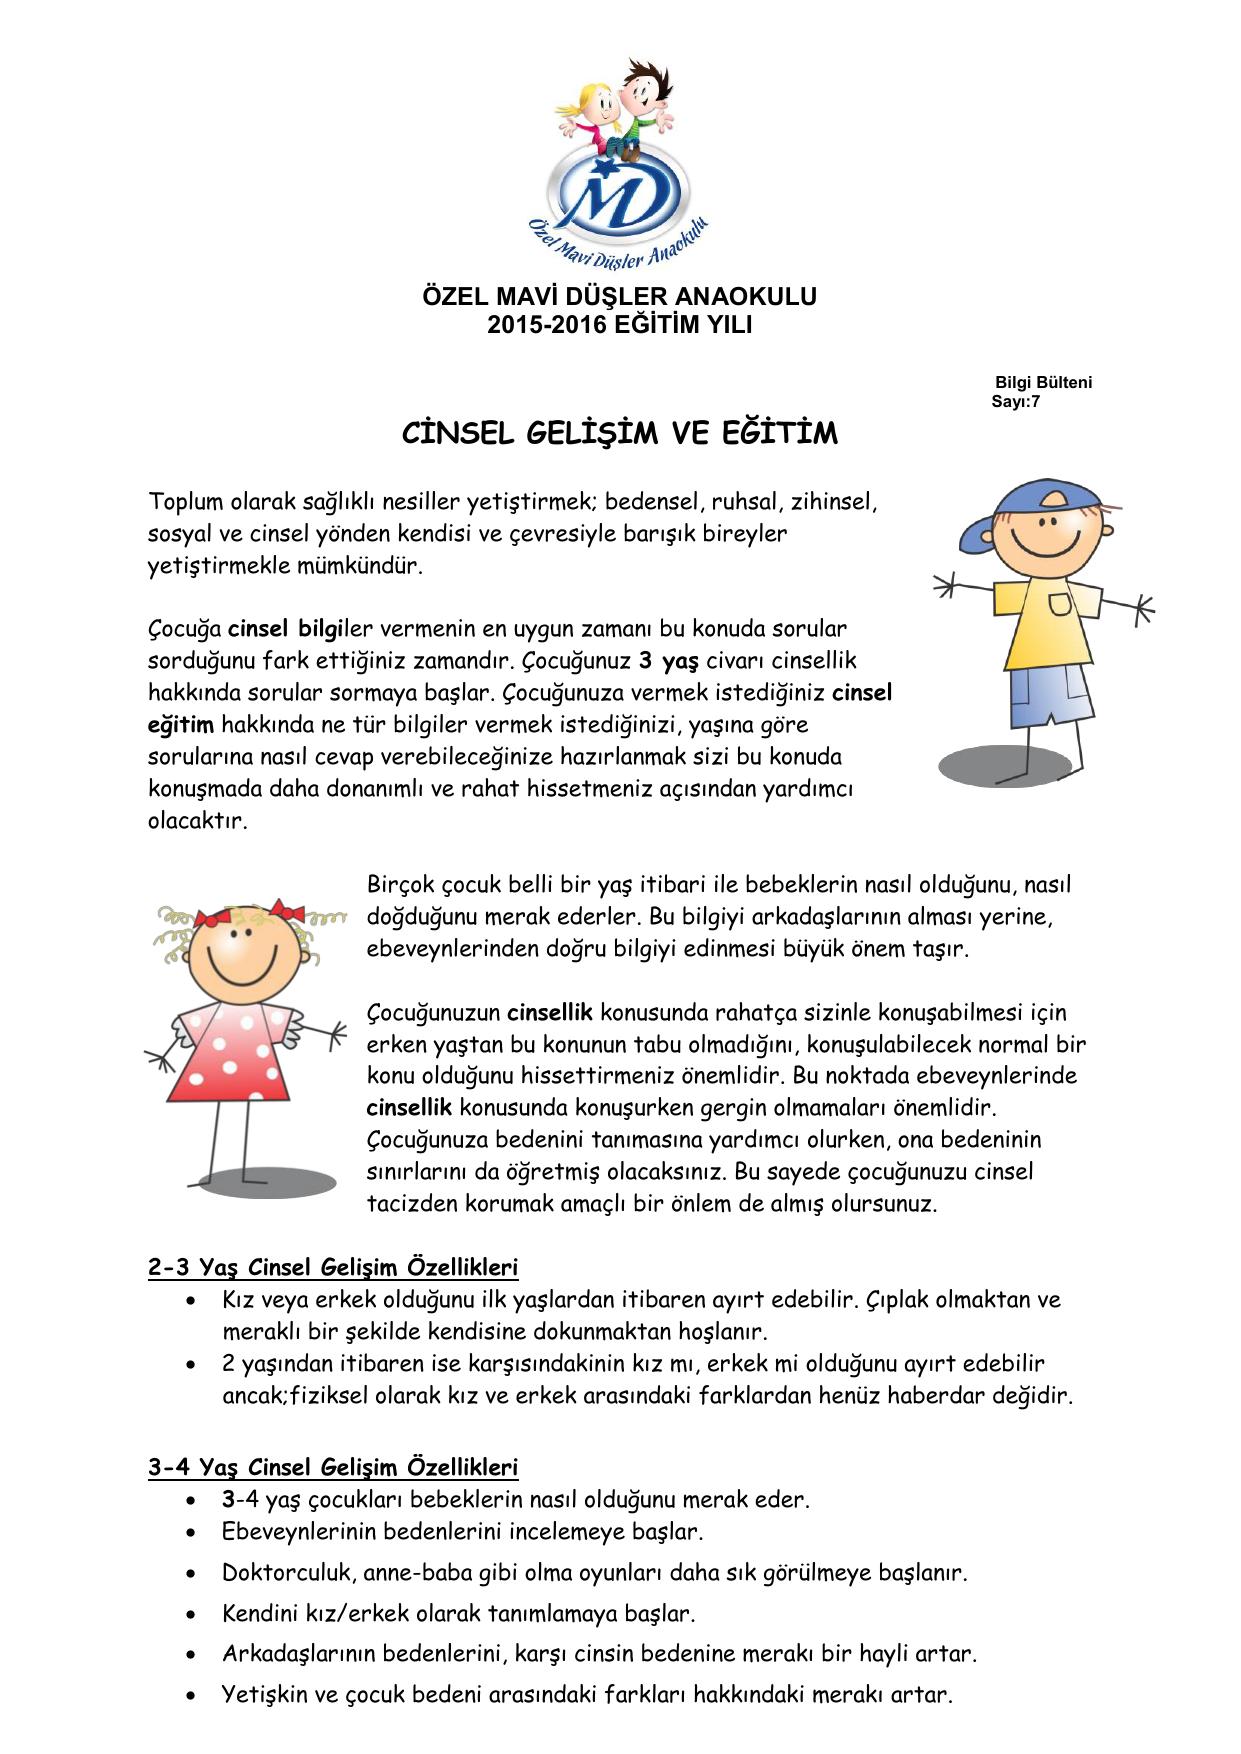 4 Yaş Çocuk Gelişimi Özellikleri